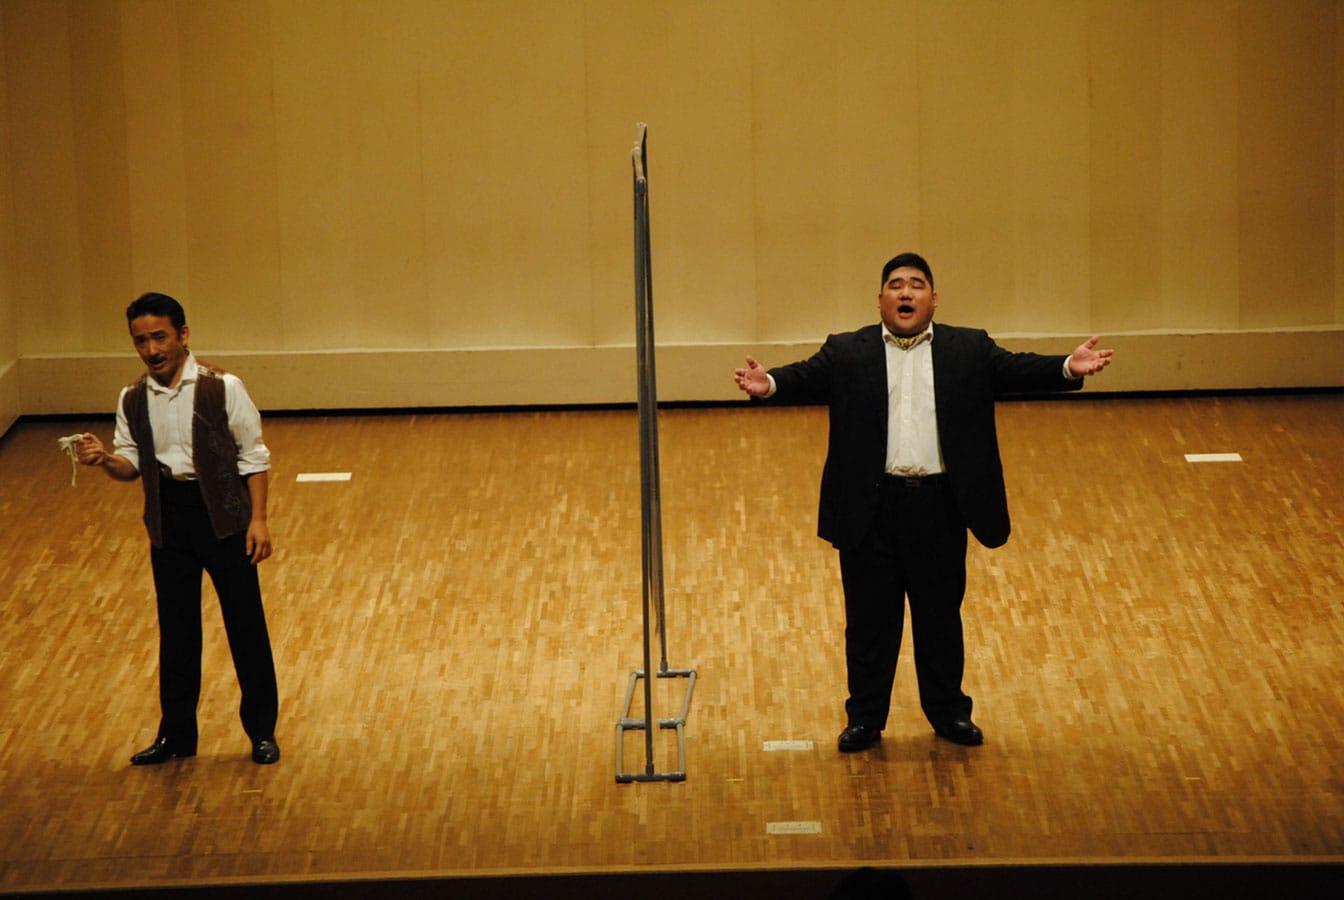 第14回学内演奏会 ―4年次オペラアンサンブル―演奏風景5